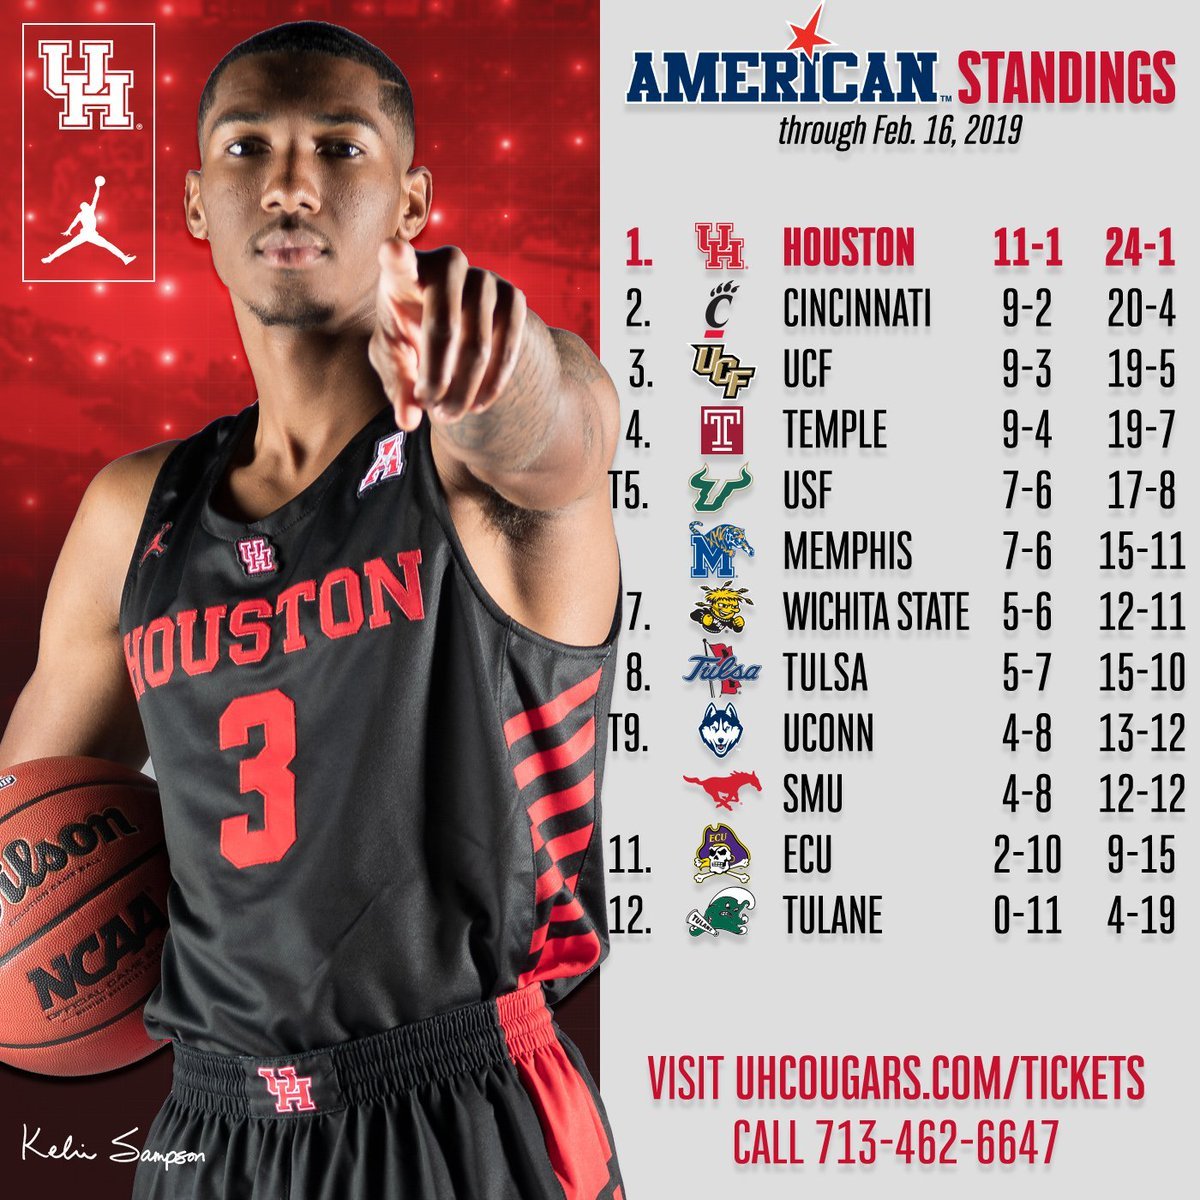 f10a92788d2 Houston Men's Hoops 🏀 🐾 on Twitter: